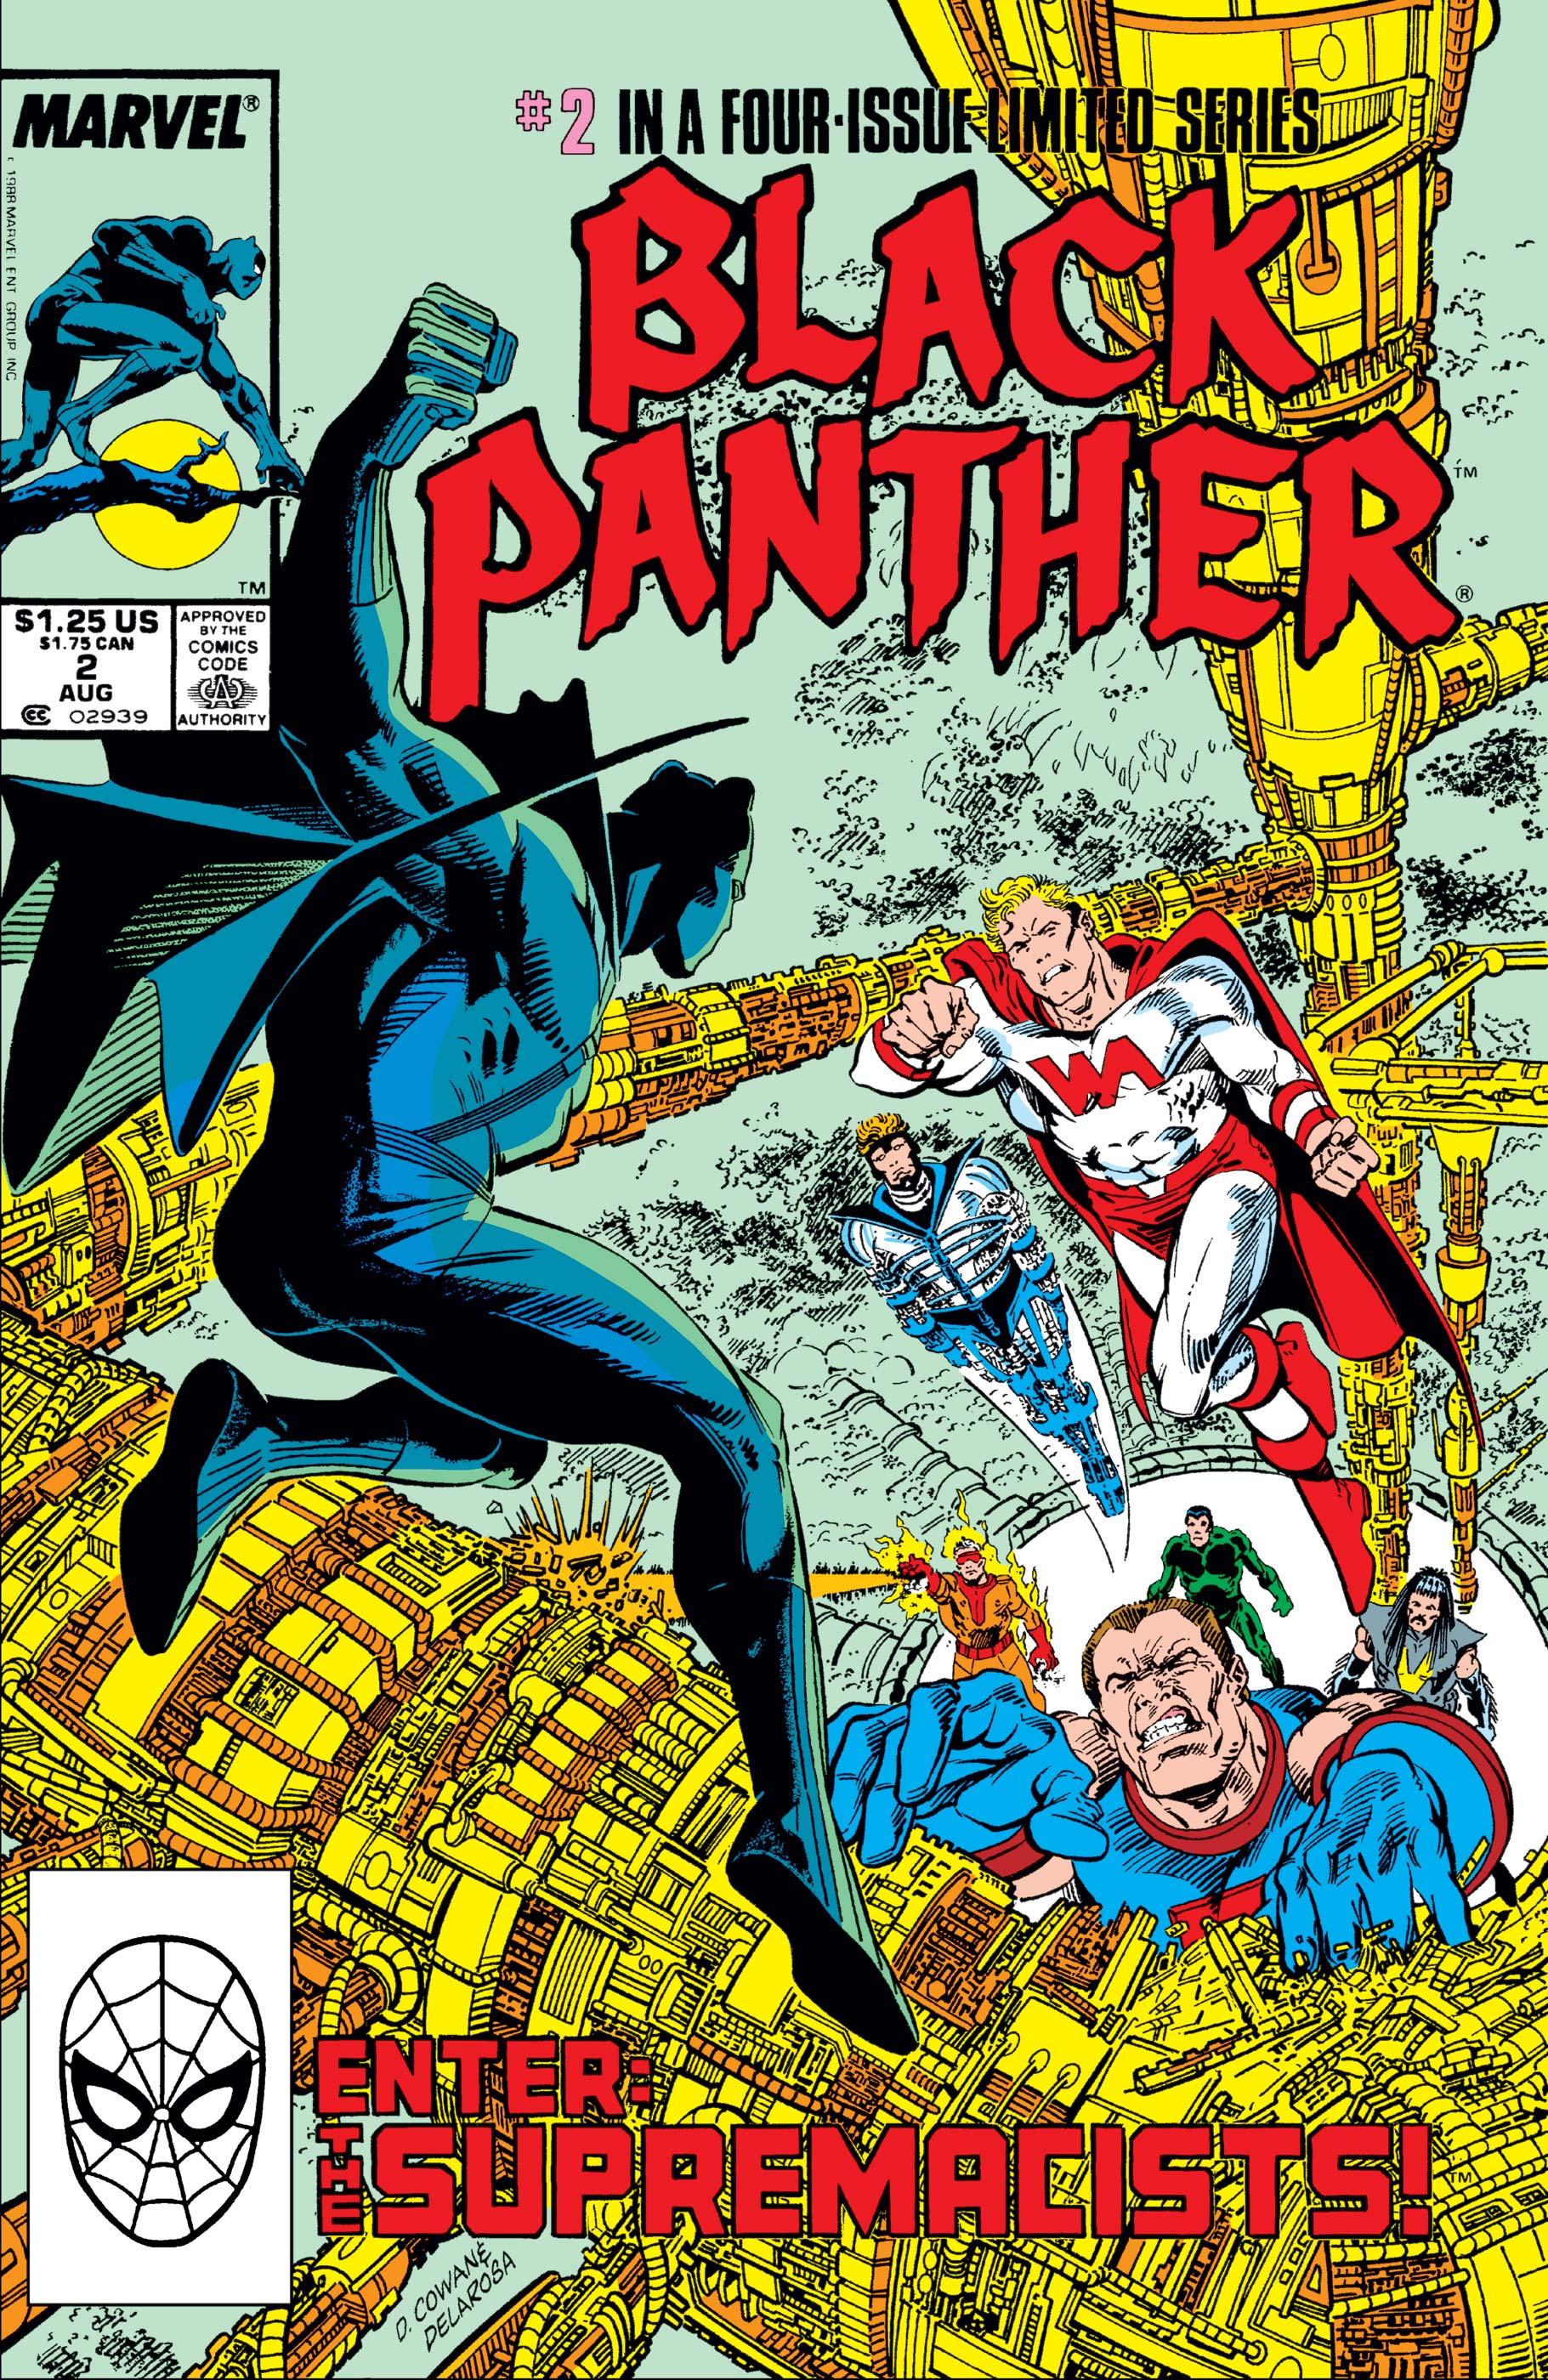 Black Panther (1988) #2